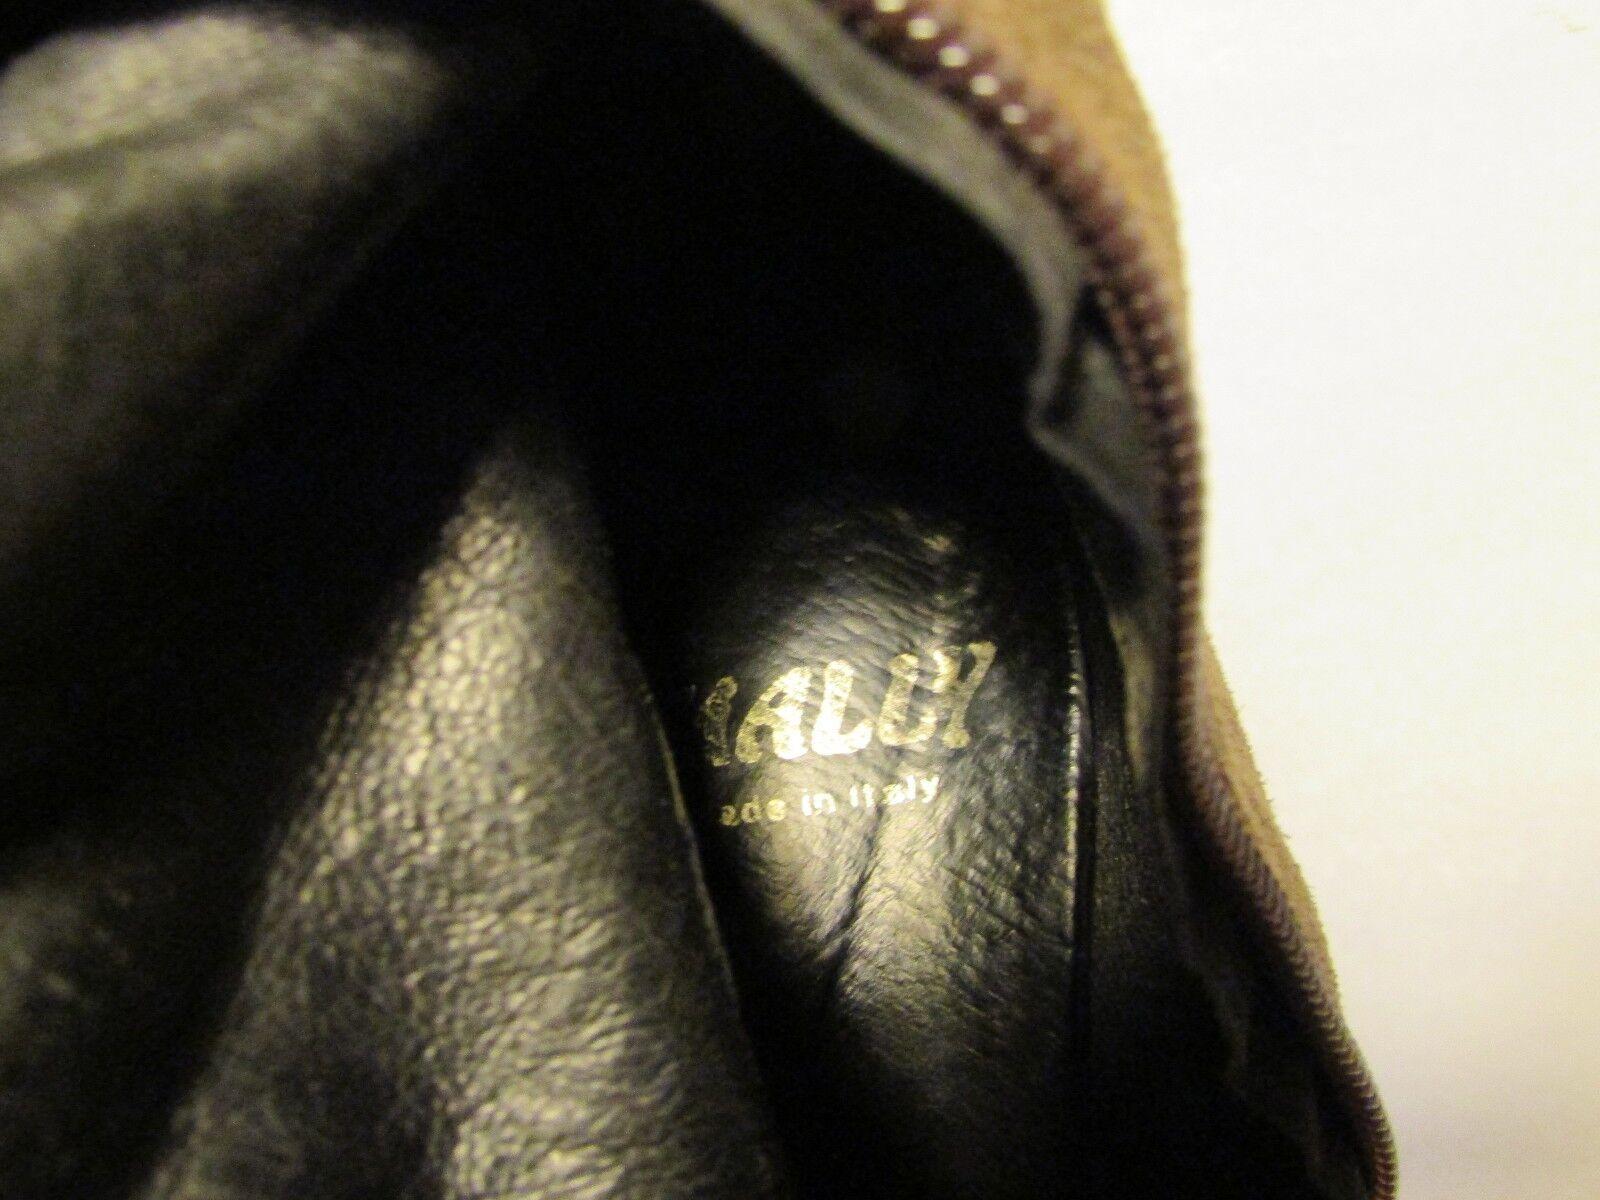 hommes / femmes bottes en daim couleur taupe, taupe, taupe, mally conception merveilleux service durables luxuriantes de 37 | Sortie  e8ae7d